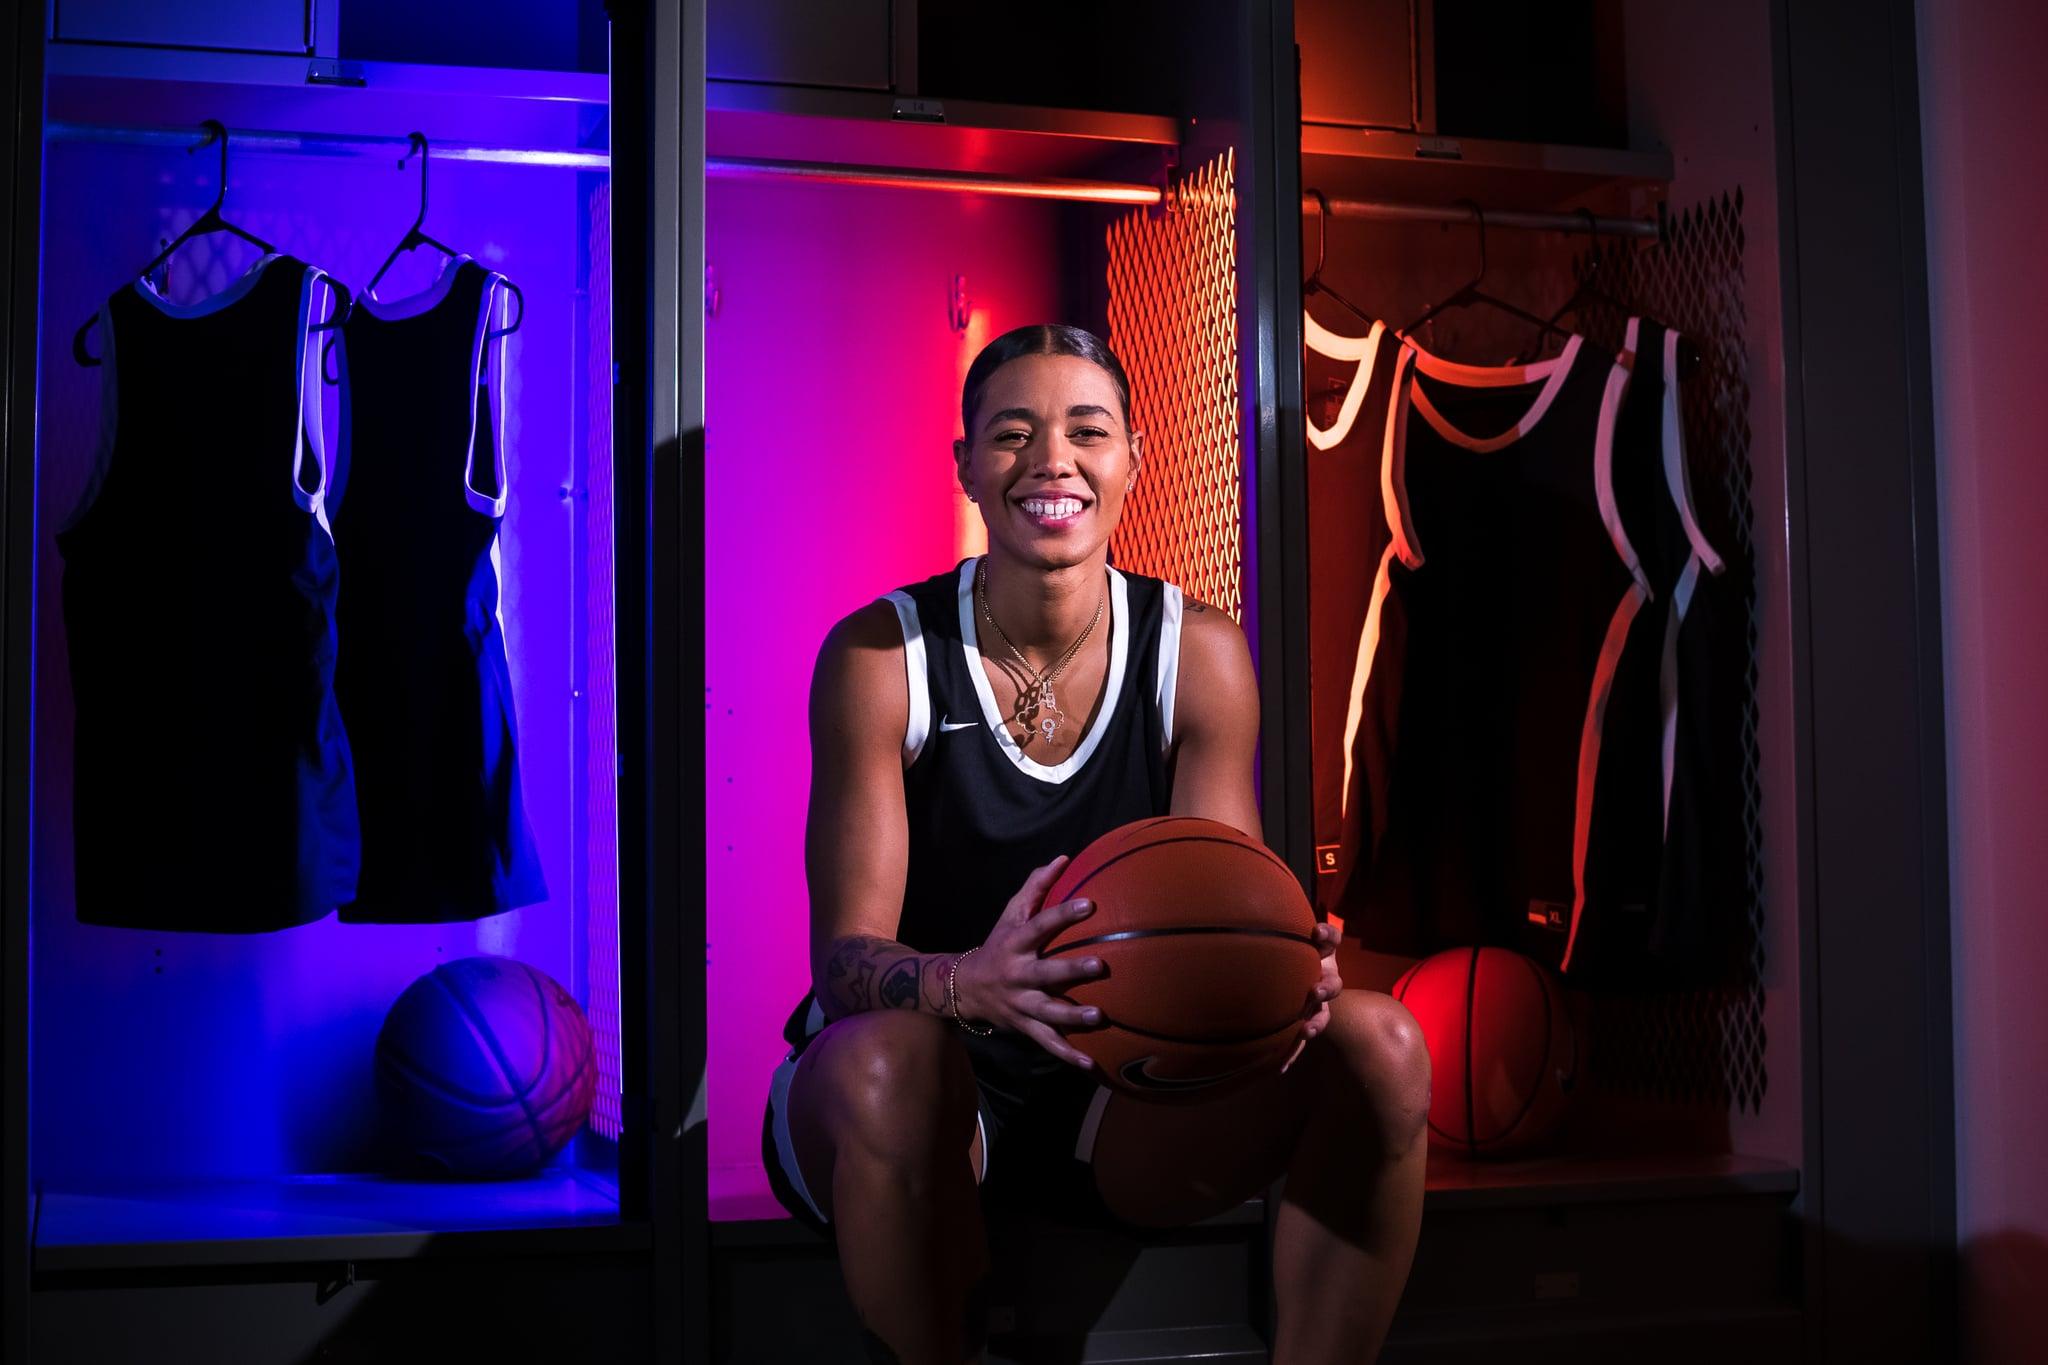 Natasha Cloud for Athletes Unlimited Basketball